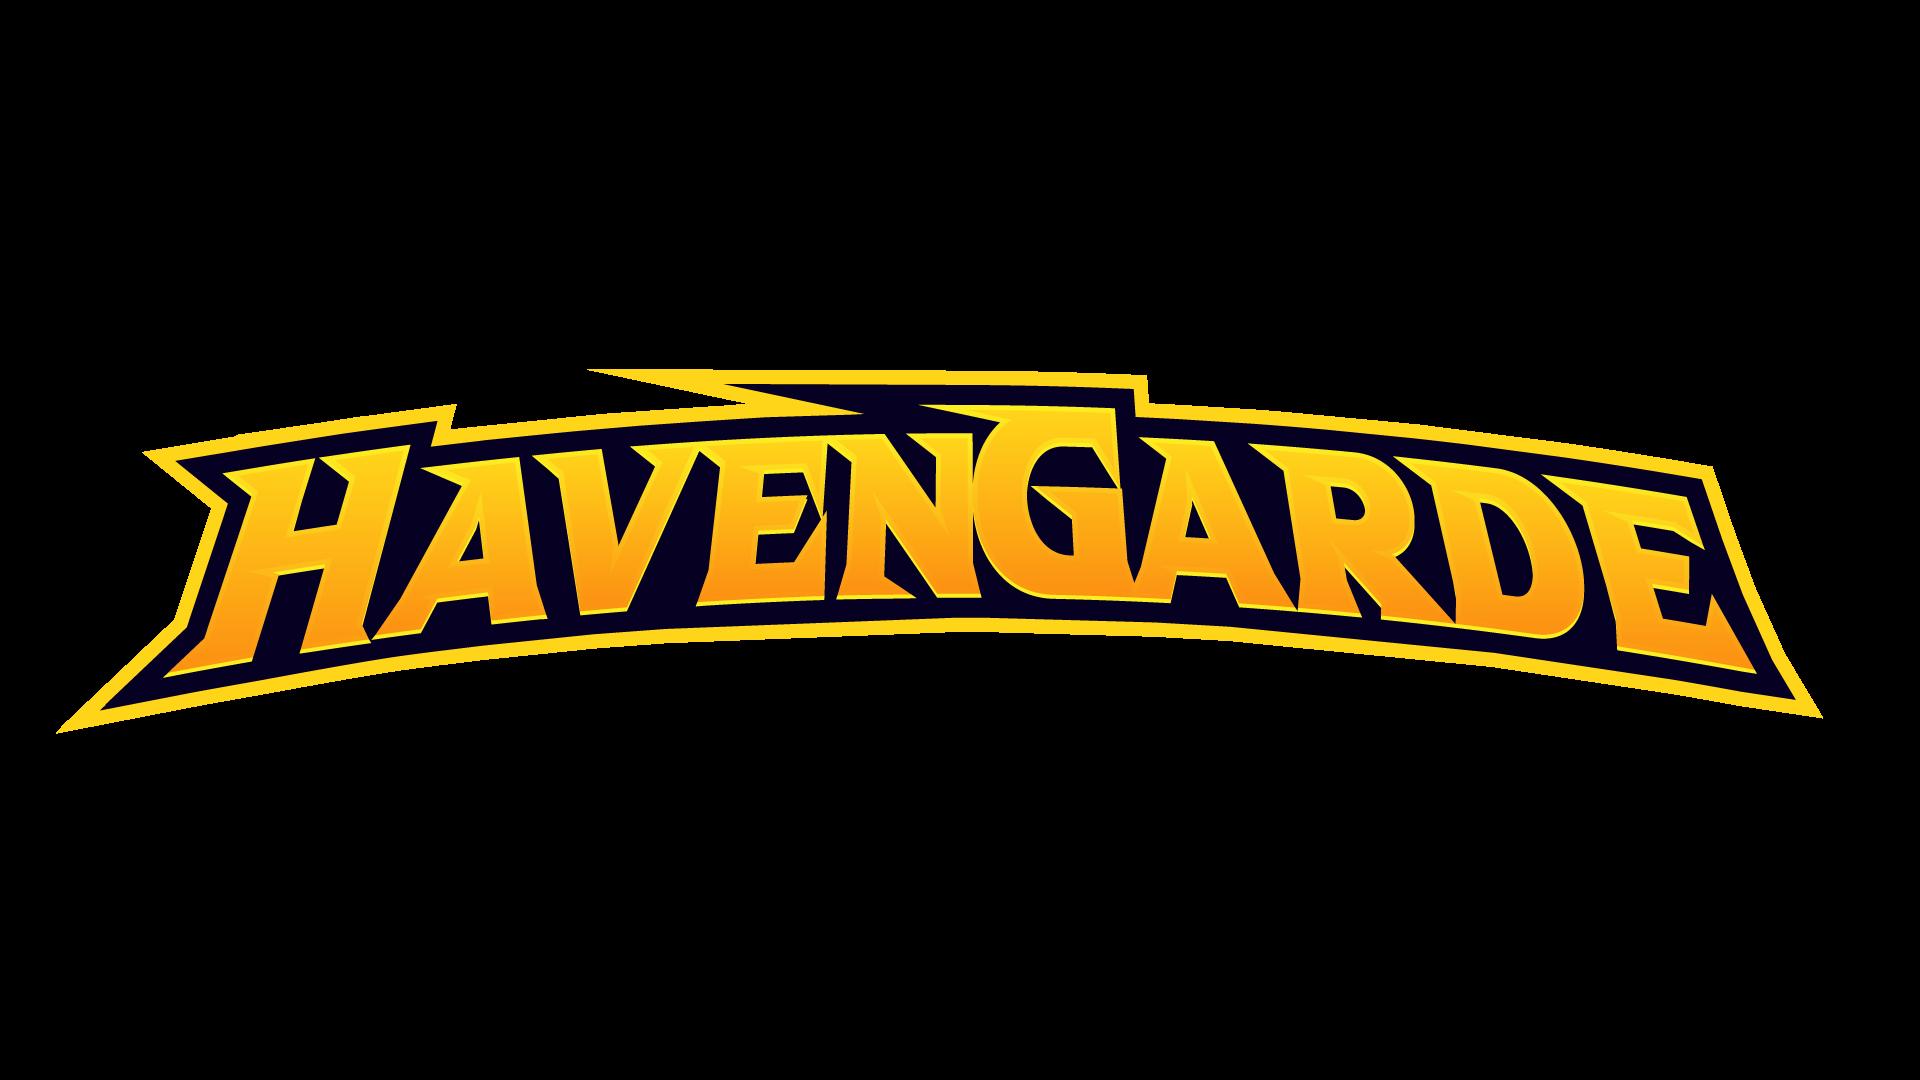 havengarde